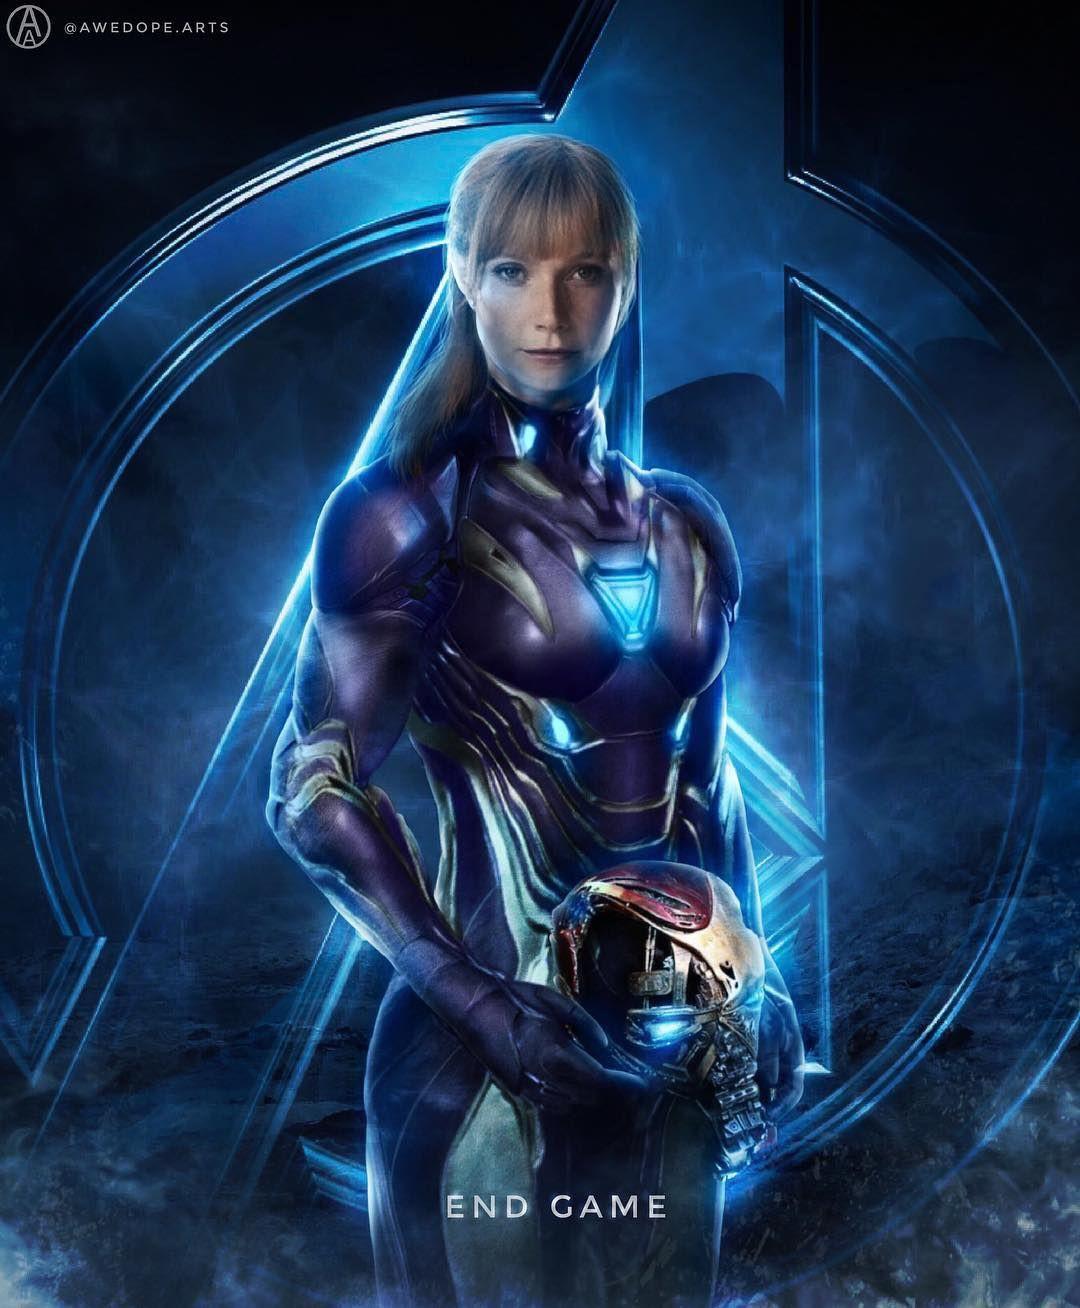 người phụ nữ mặc bộ giáp sắt